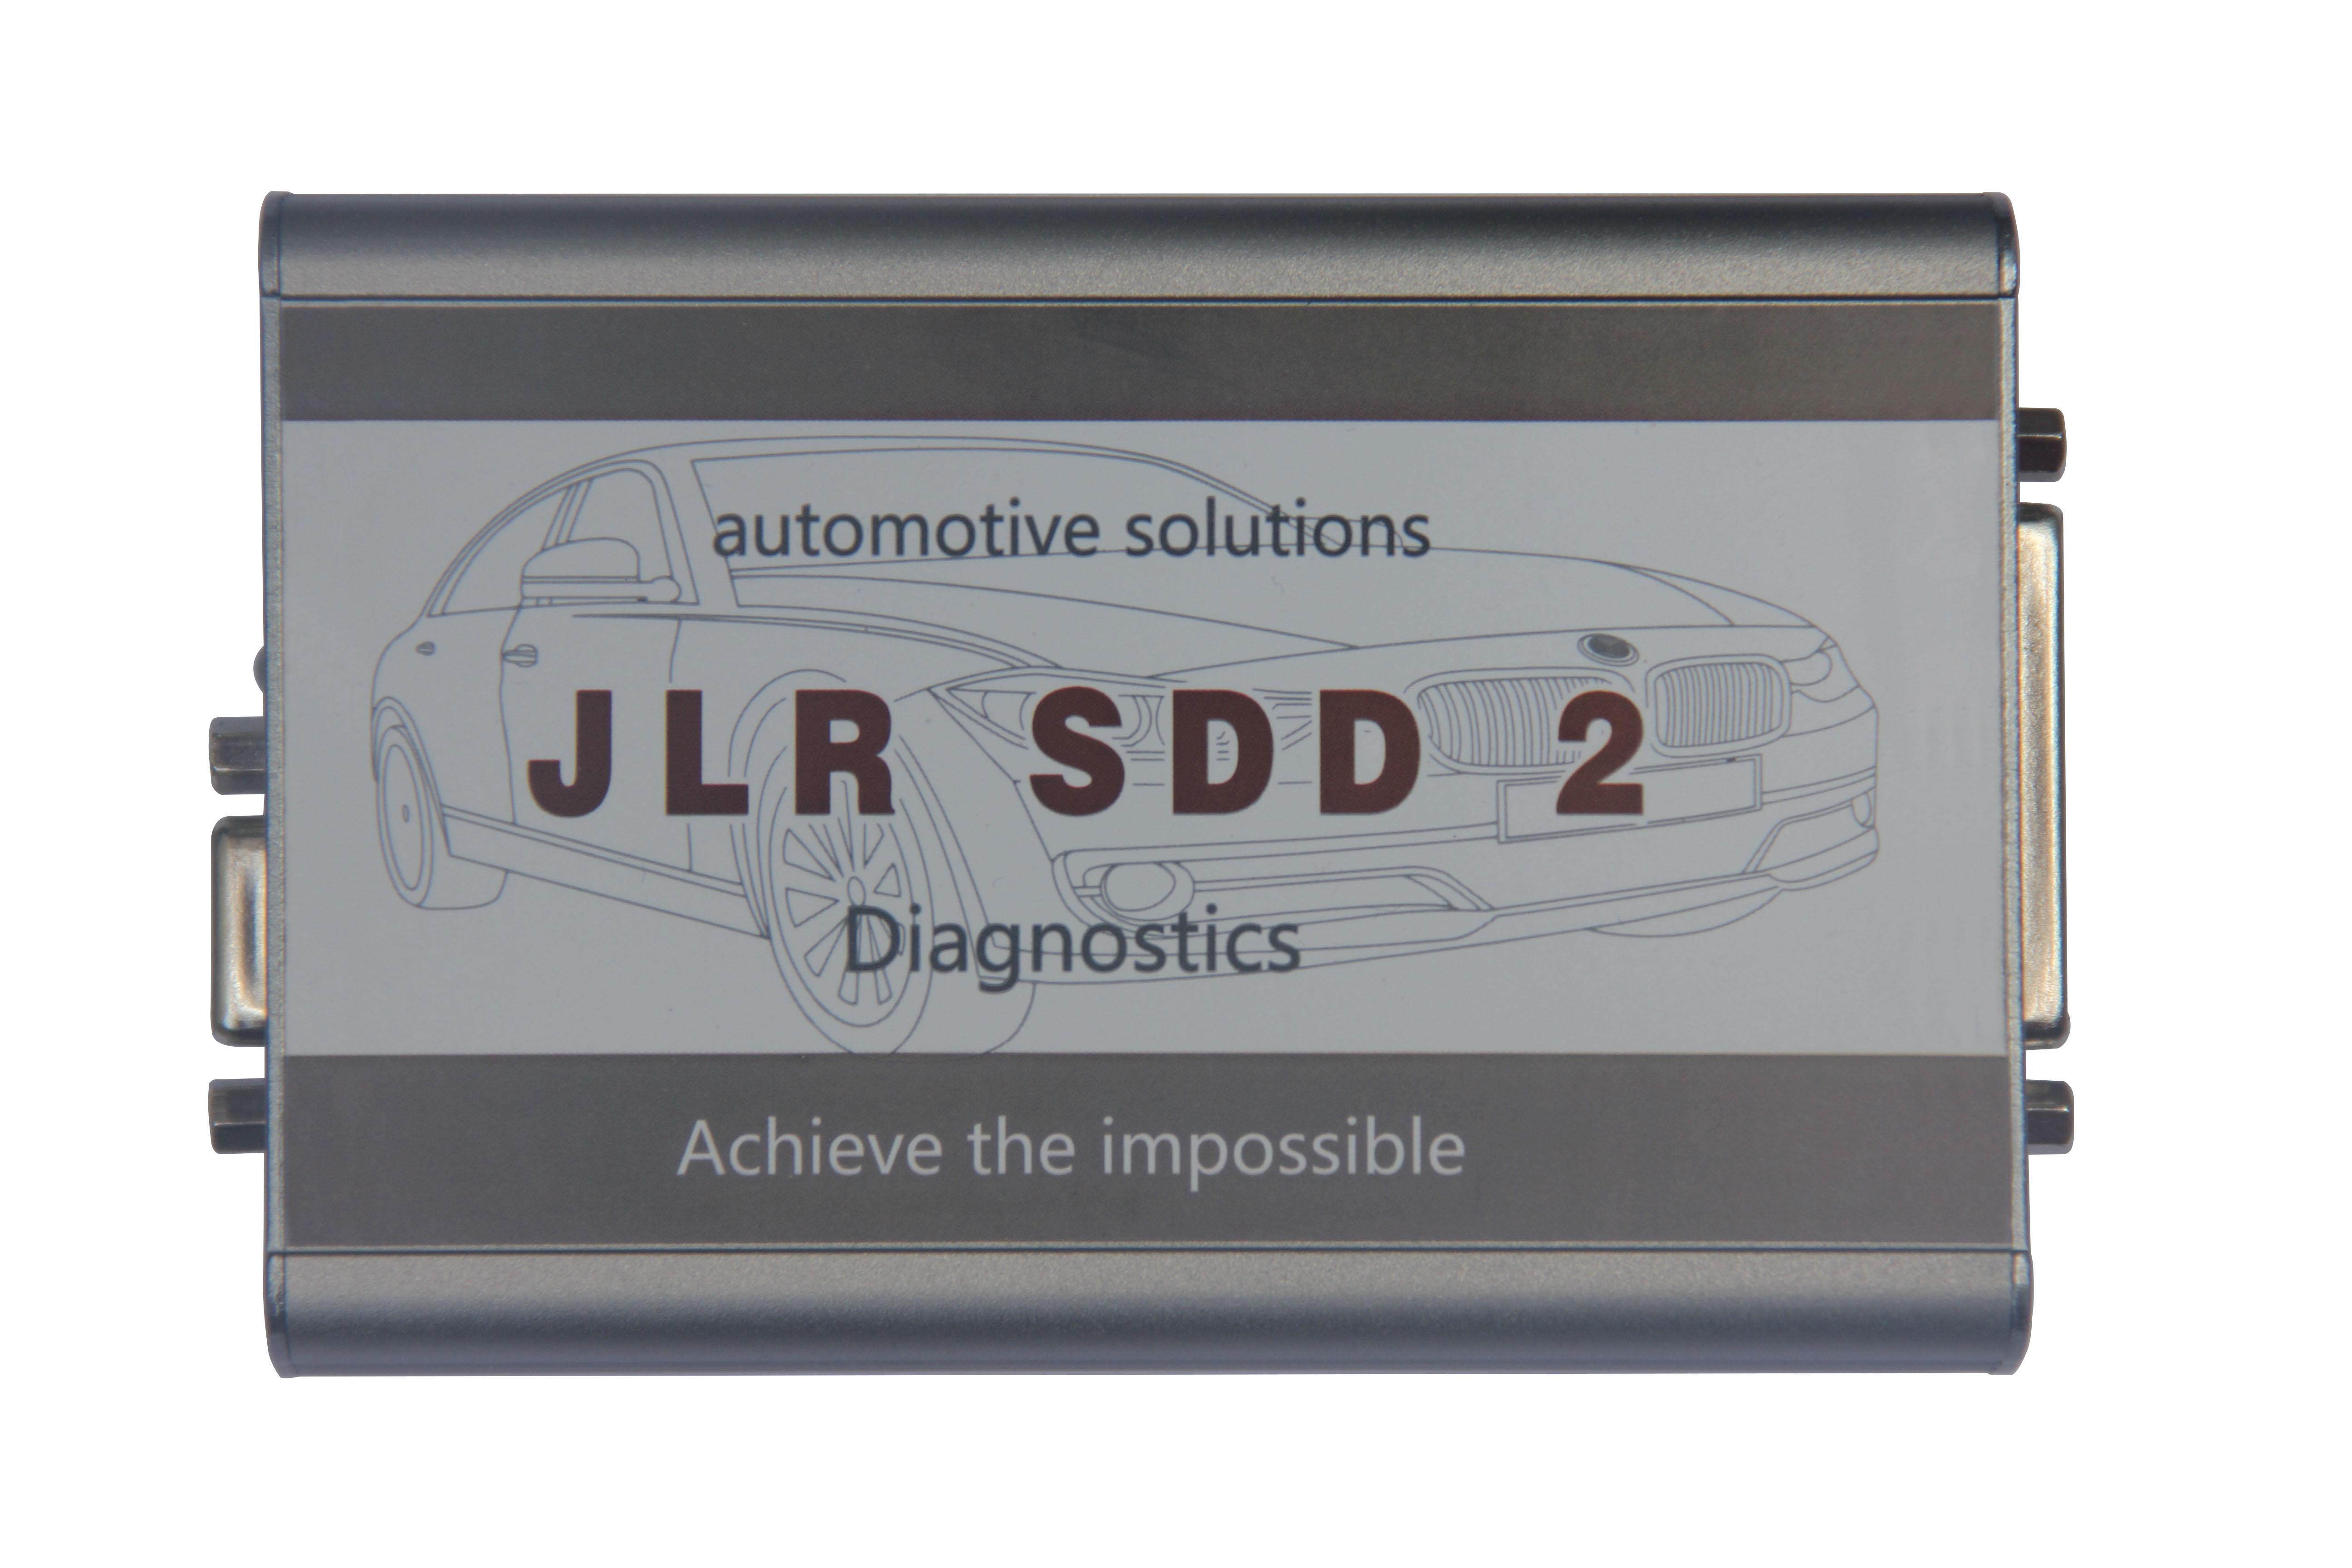 jlr-sdd2-host